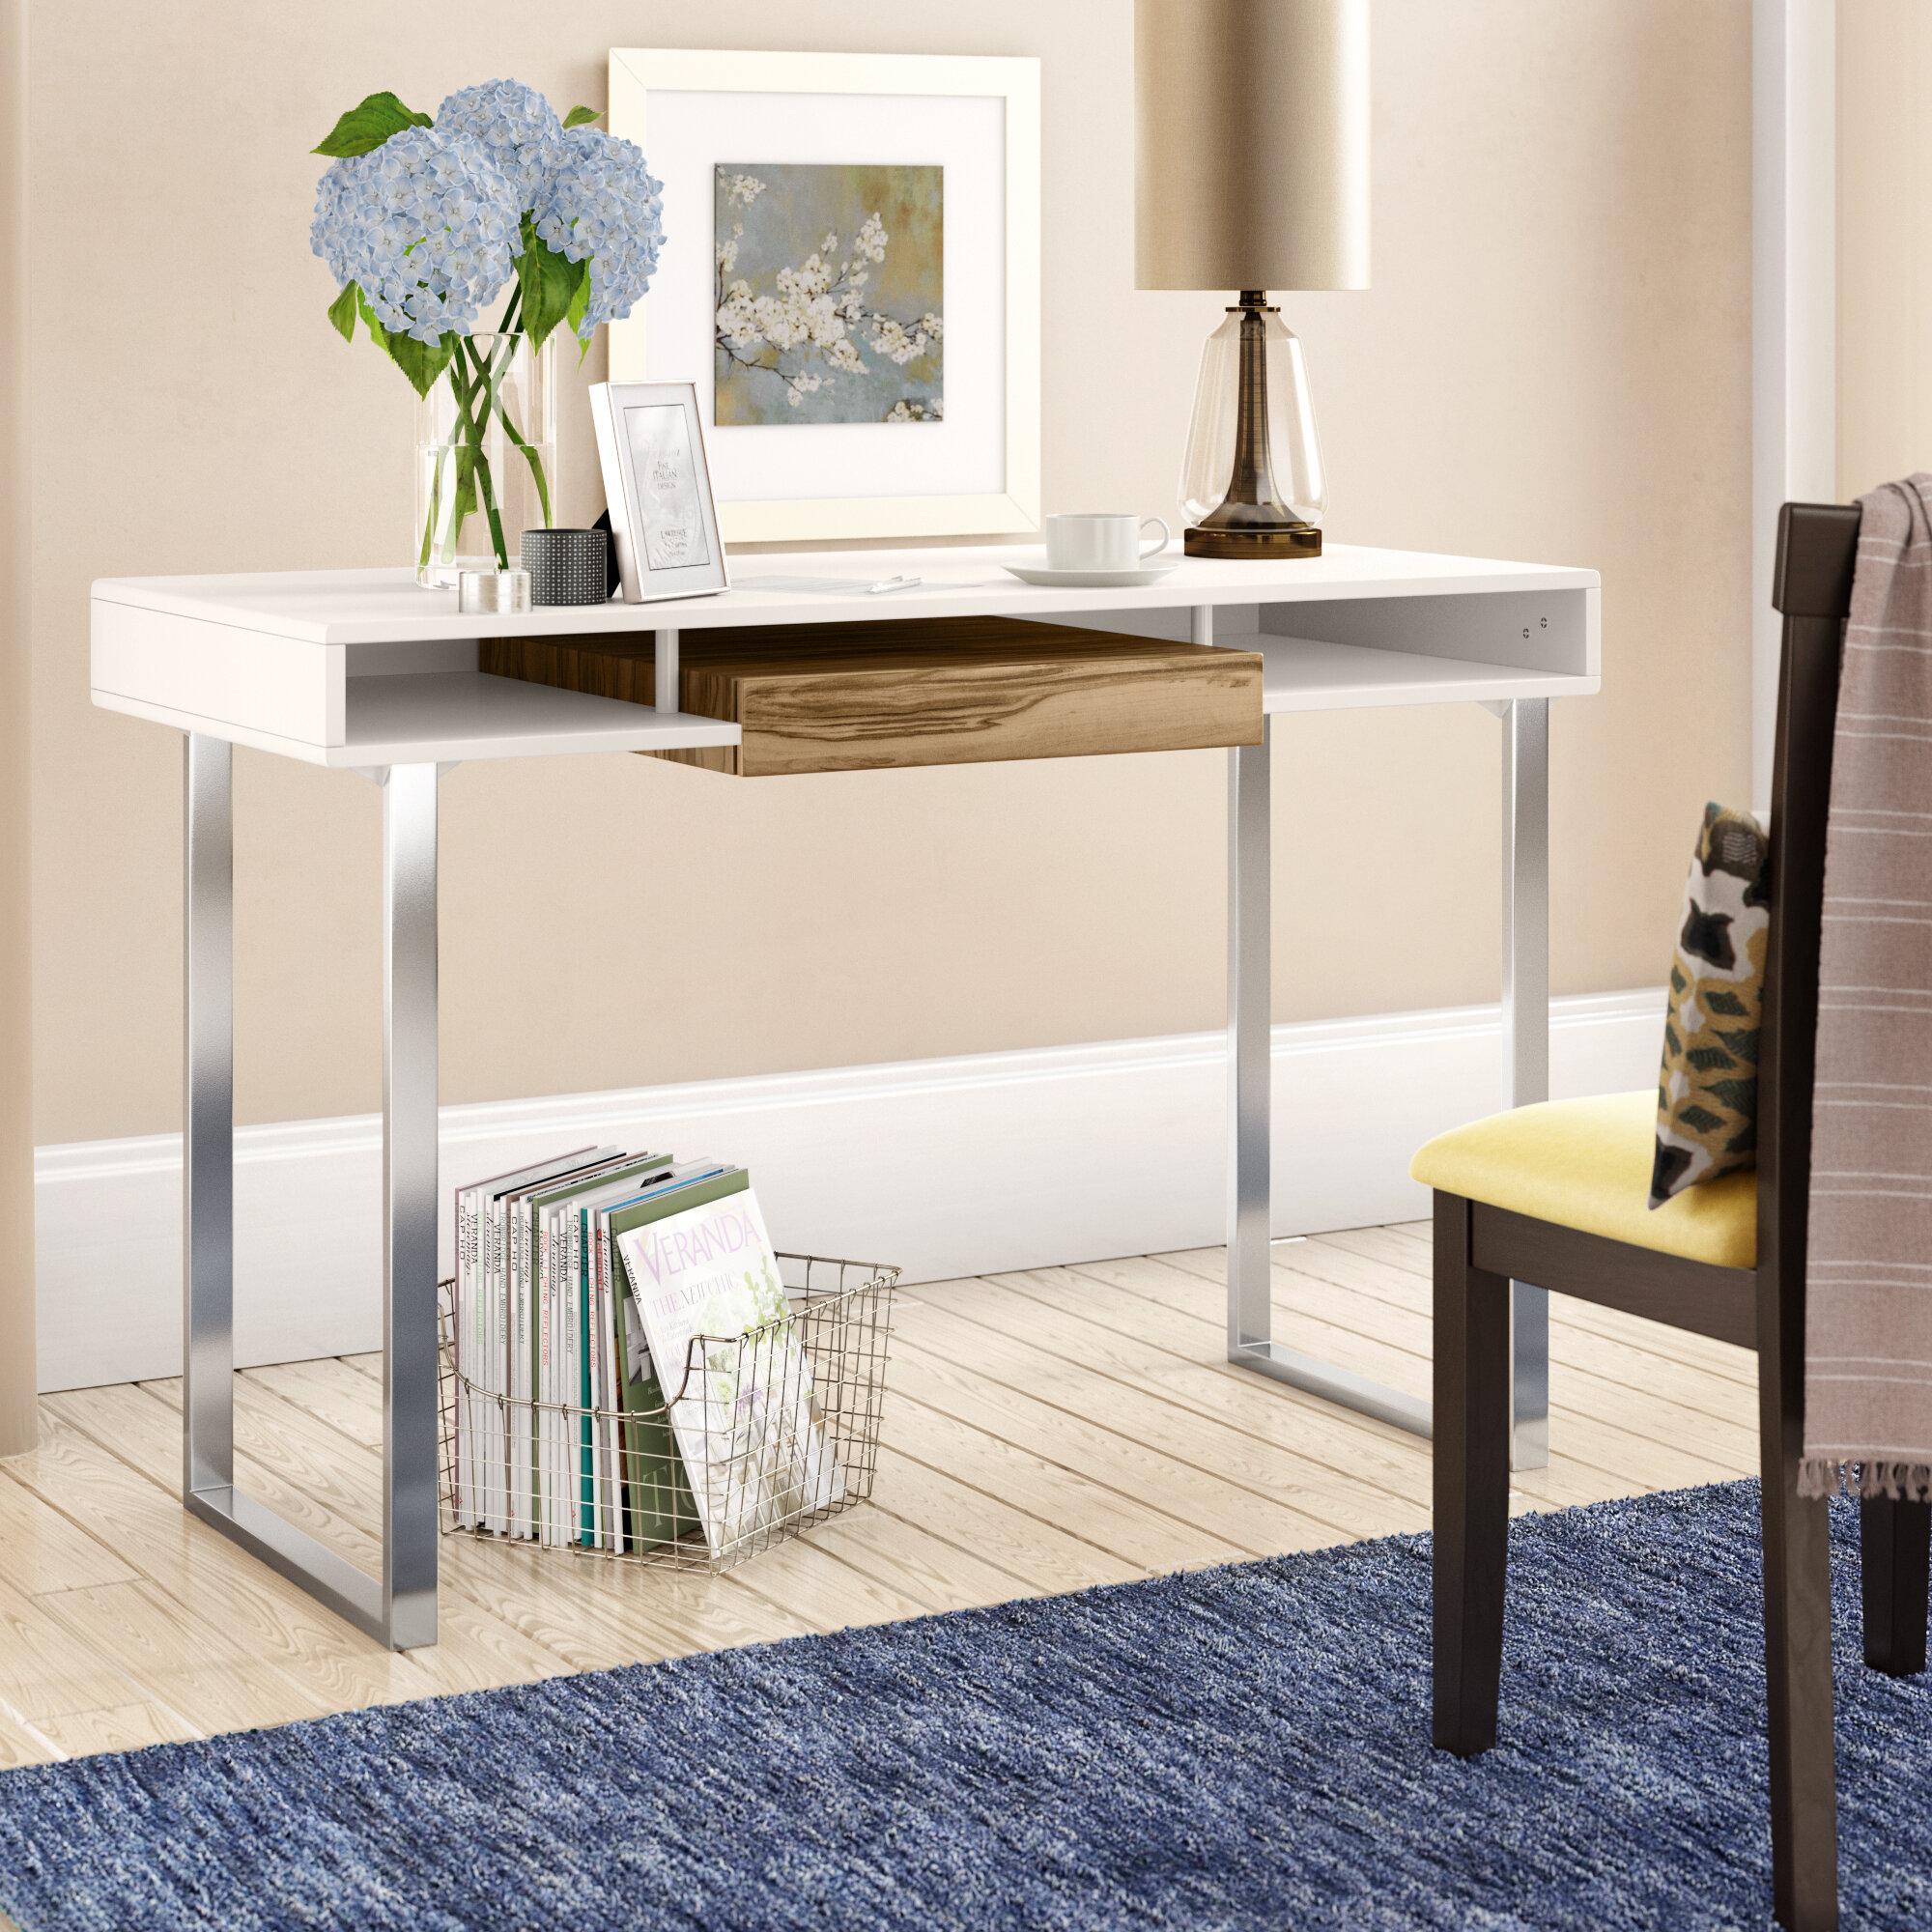 Style De Veranda Moderne mercury row farber desk & reviews | wayfair.ca